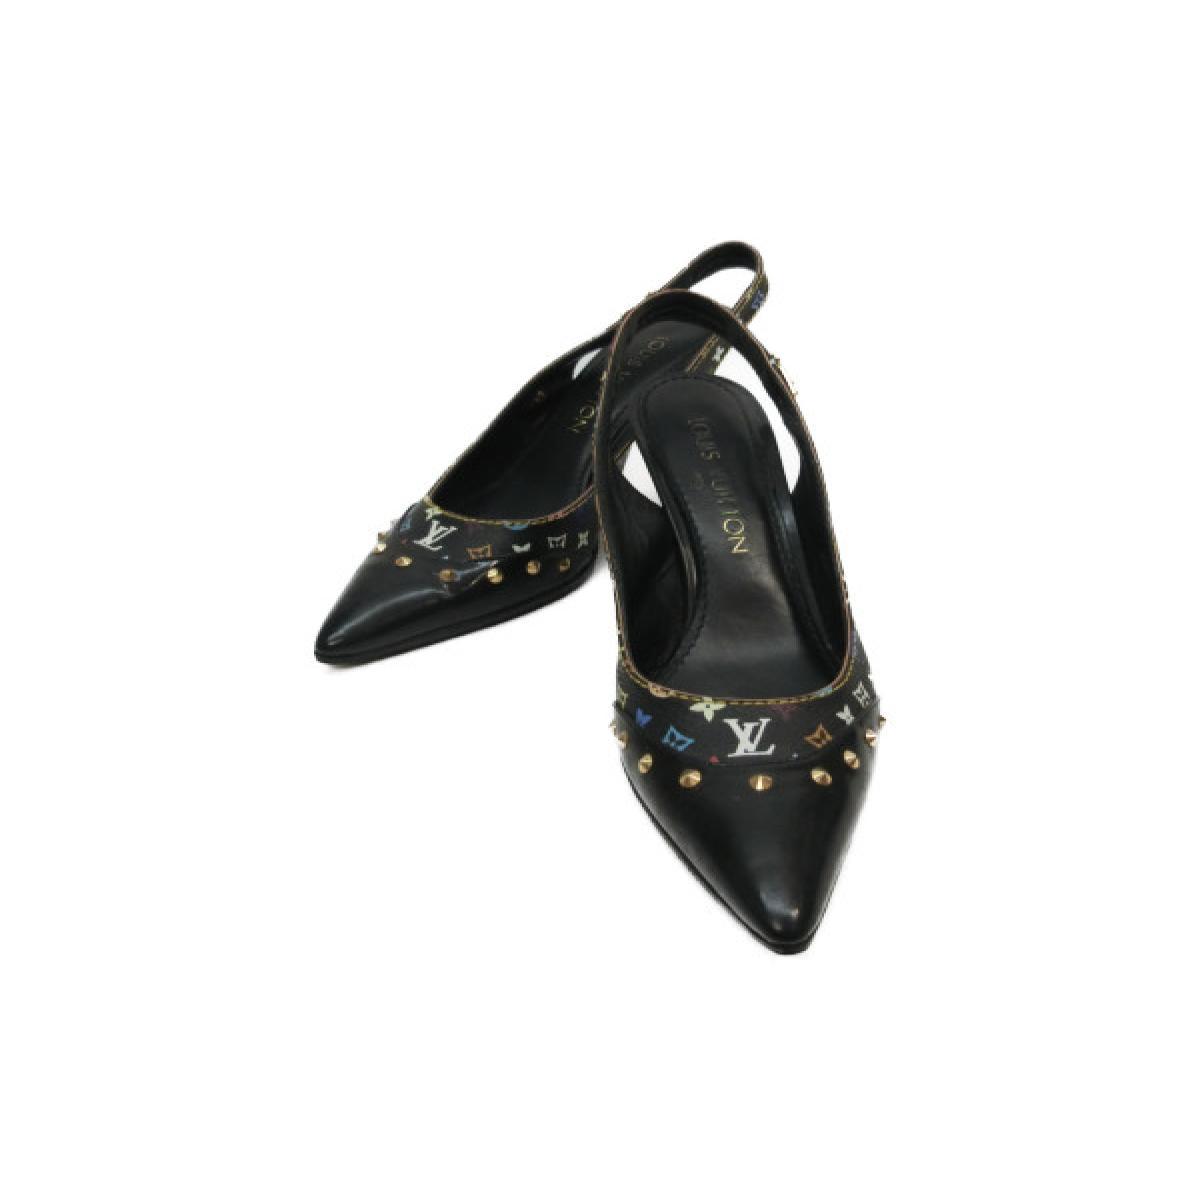 【中古】 ルイヴィトン パンプス レディース モノグラムマルチカラー ノワール マルチカラー | LOUIS VUITTON ヴィトン ビトン ルイ・ヴィトン くつ 靴 パンプス ブランドオフ